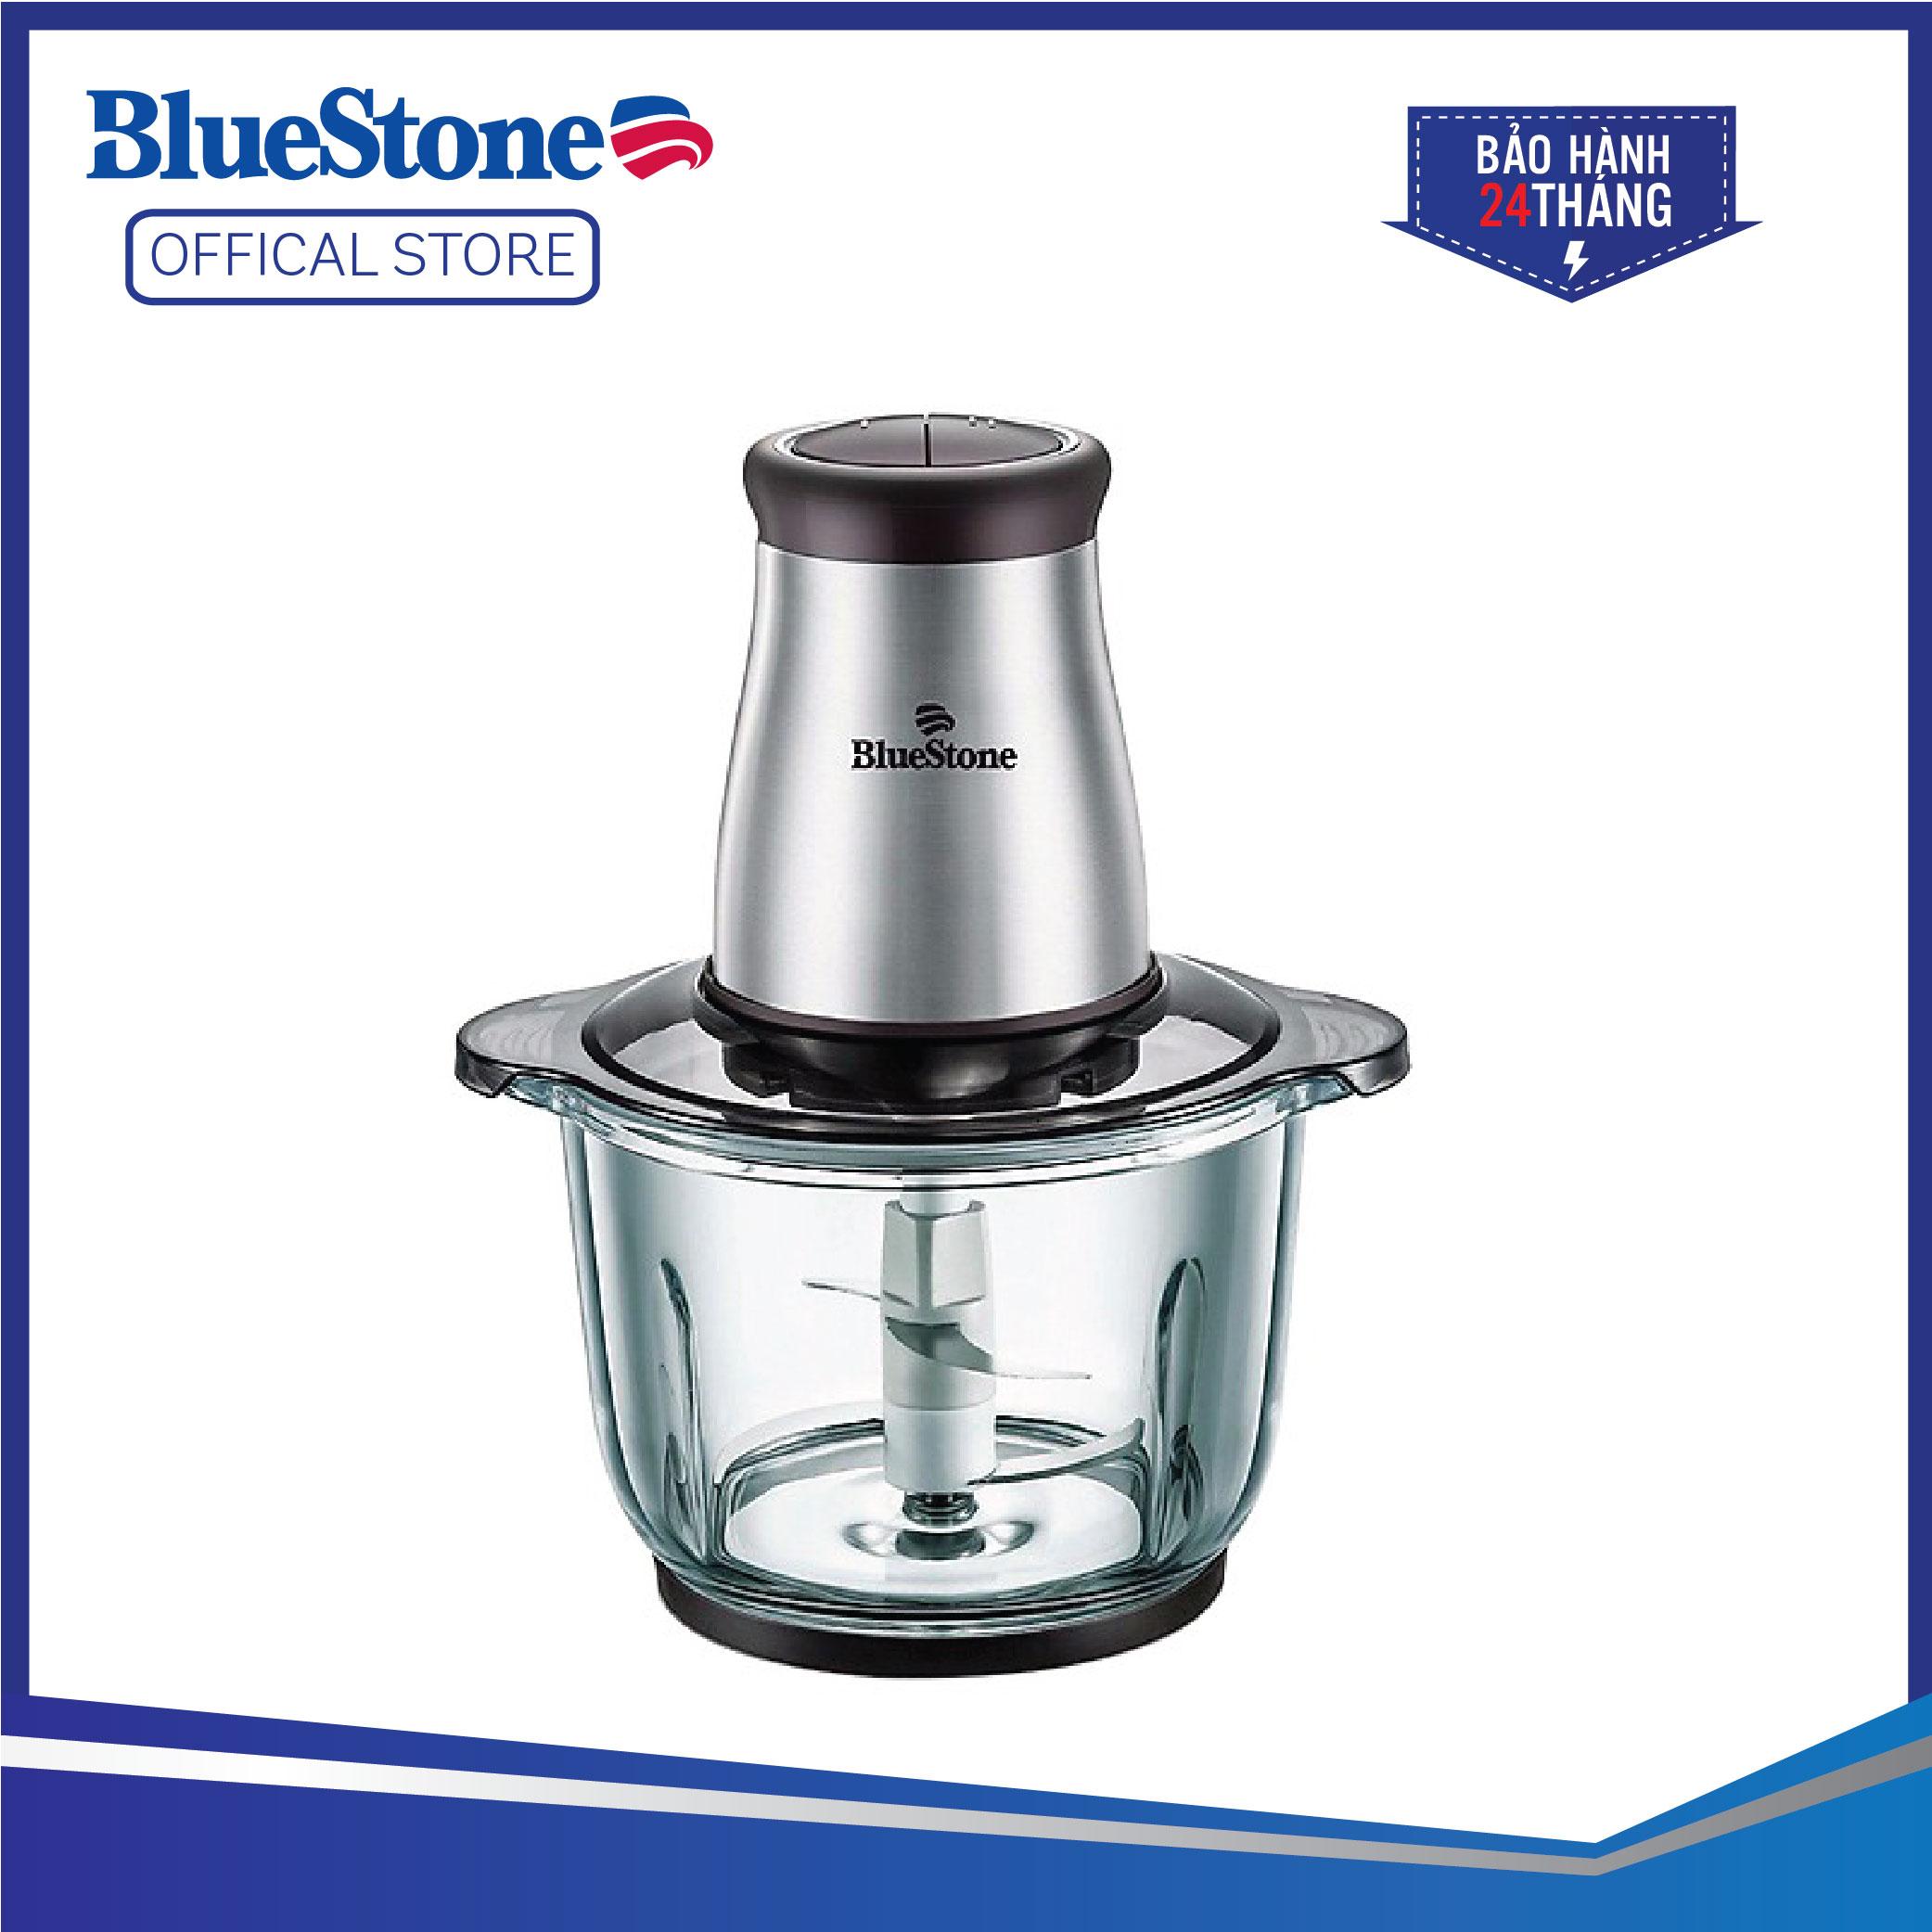 Máy Xay Thịt Bluestone CHB-5139 (2L) - 2 Lưỡi Dao Kép - Cối thủy tinh chịu nhiệt cao cấp - Công suất mạnh mẽ 300W - Bảo hành 24 tháng - Hàng Chính hãng